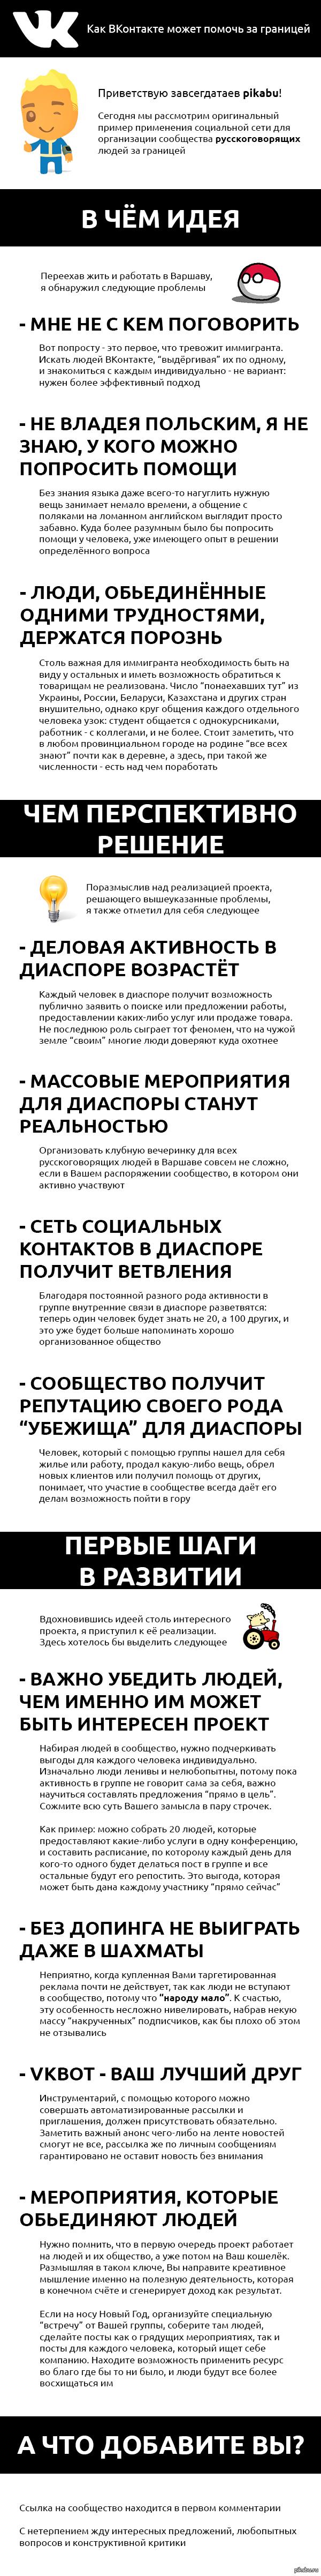 Как ВКонтакте может помочь за границей Пример применения социальной сети для организации сообщества русскоговорящих людей за границей